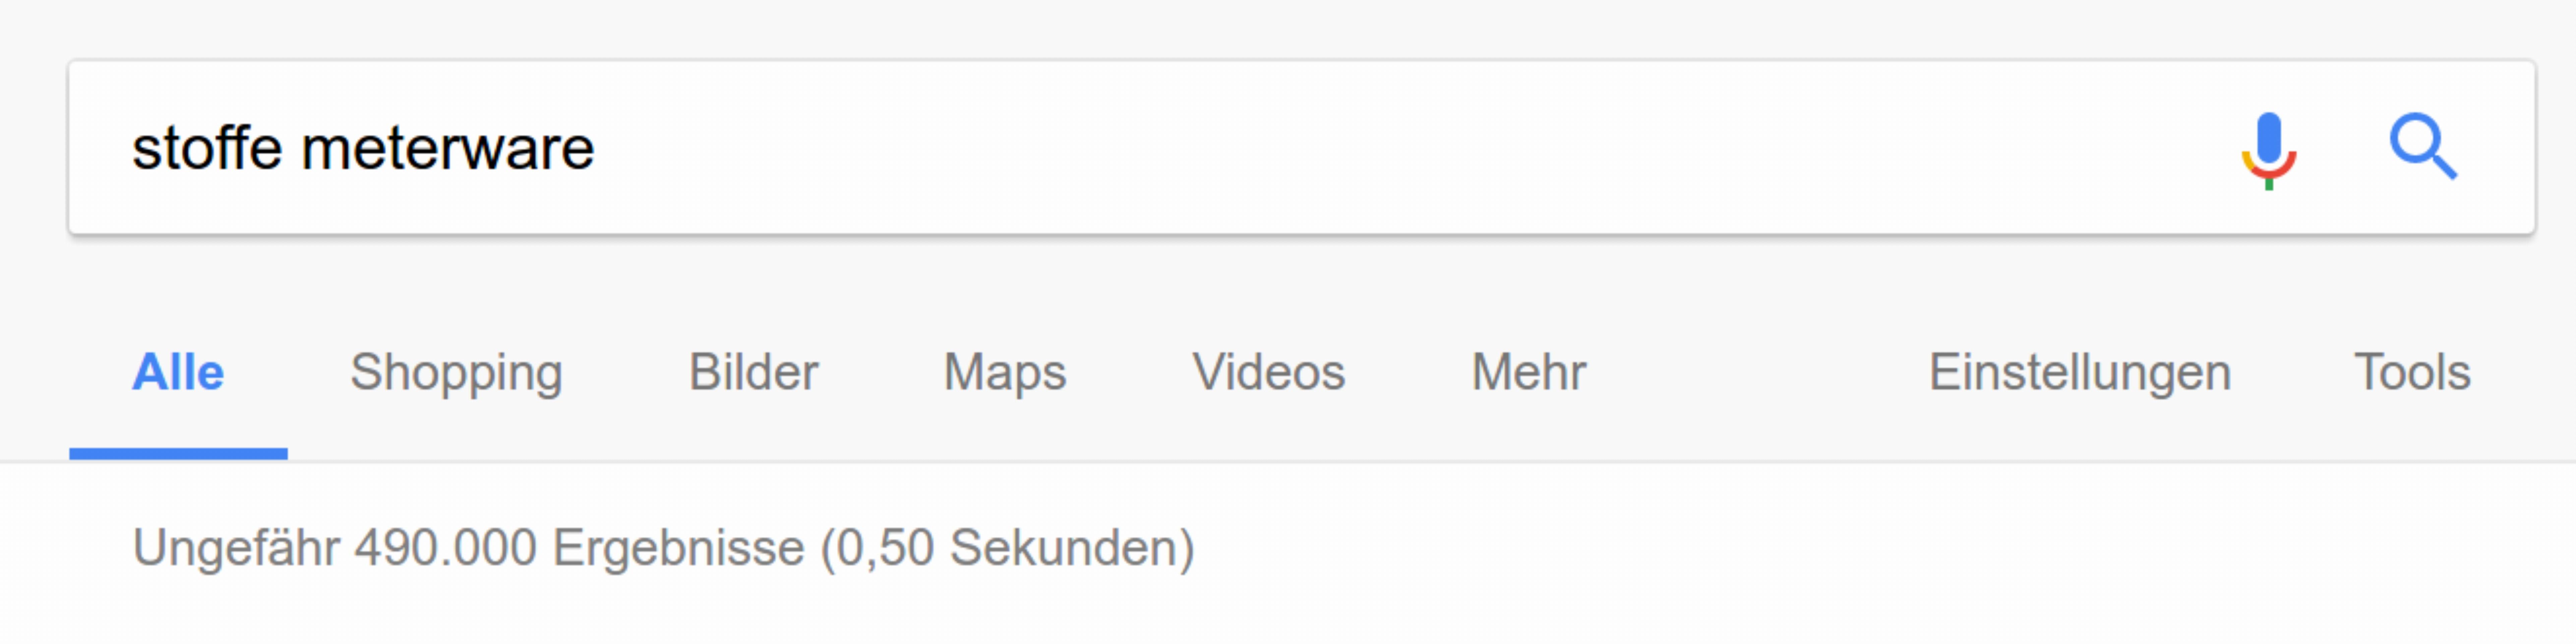 Geringere Anzahl der Suchergebnisse